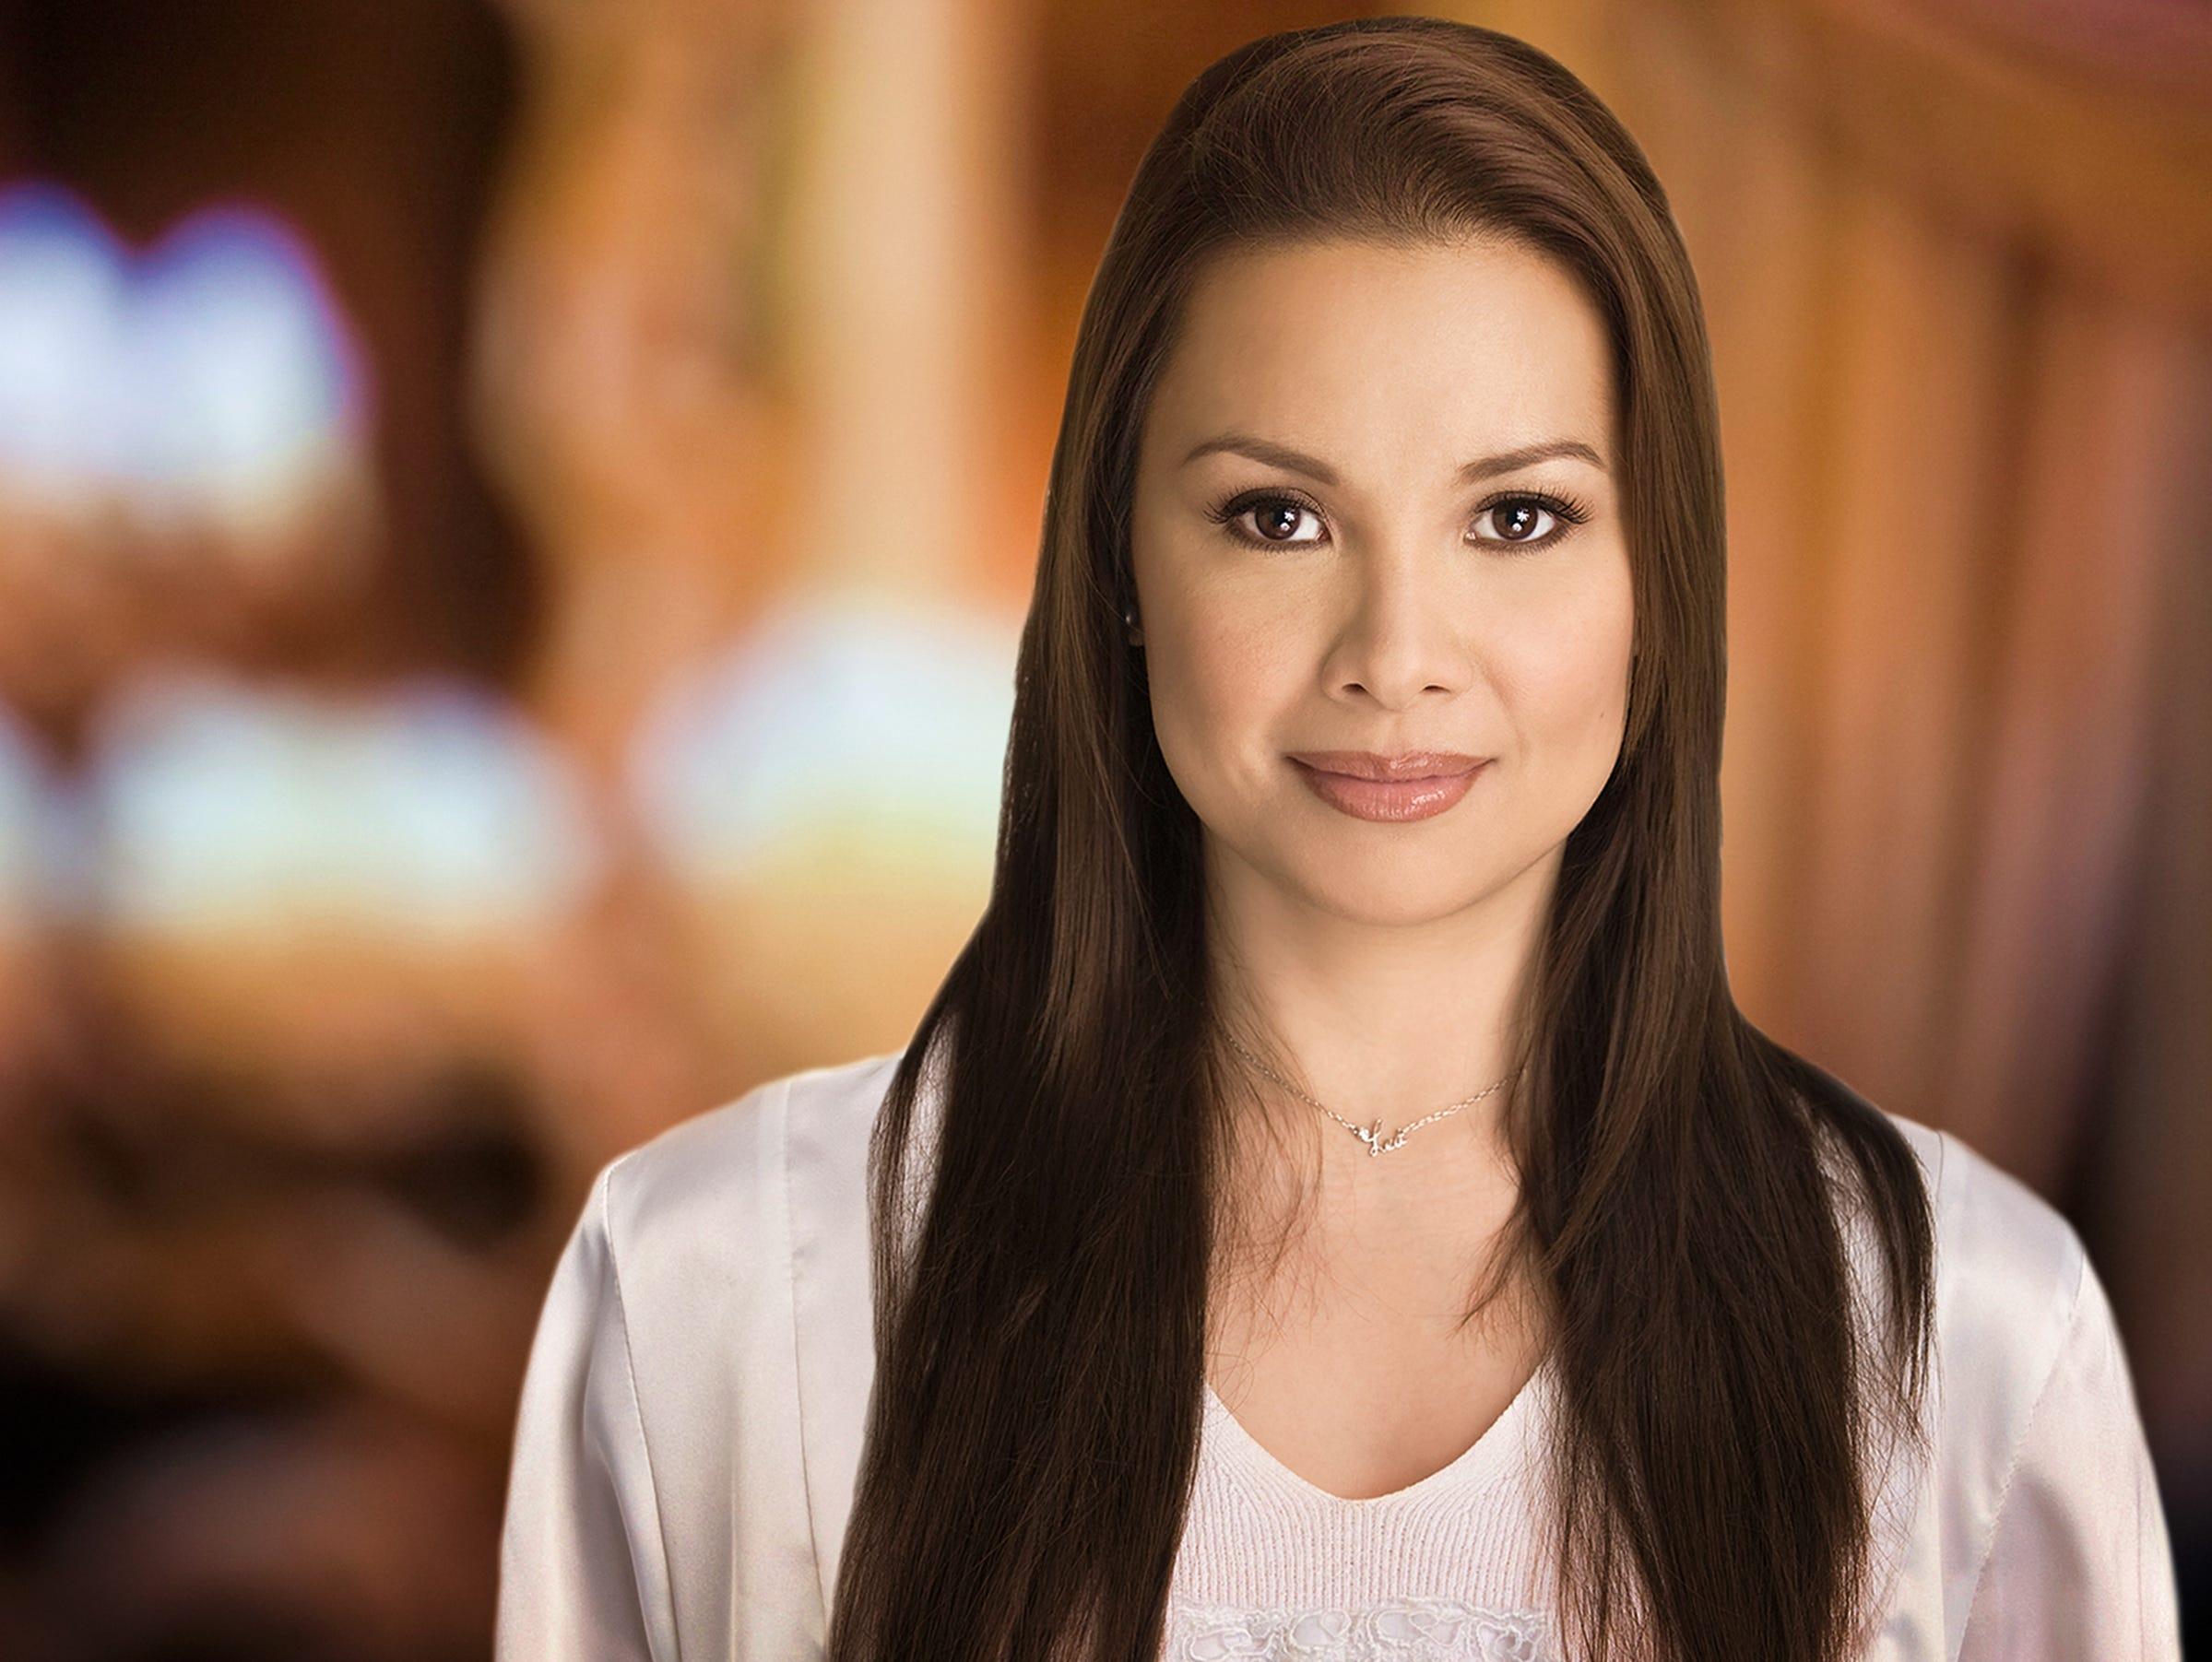 Lea Salonga in a promotional image circa 2011.